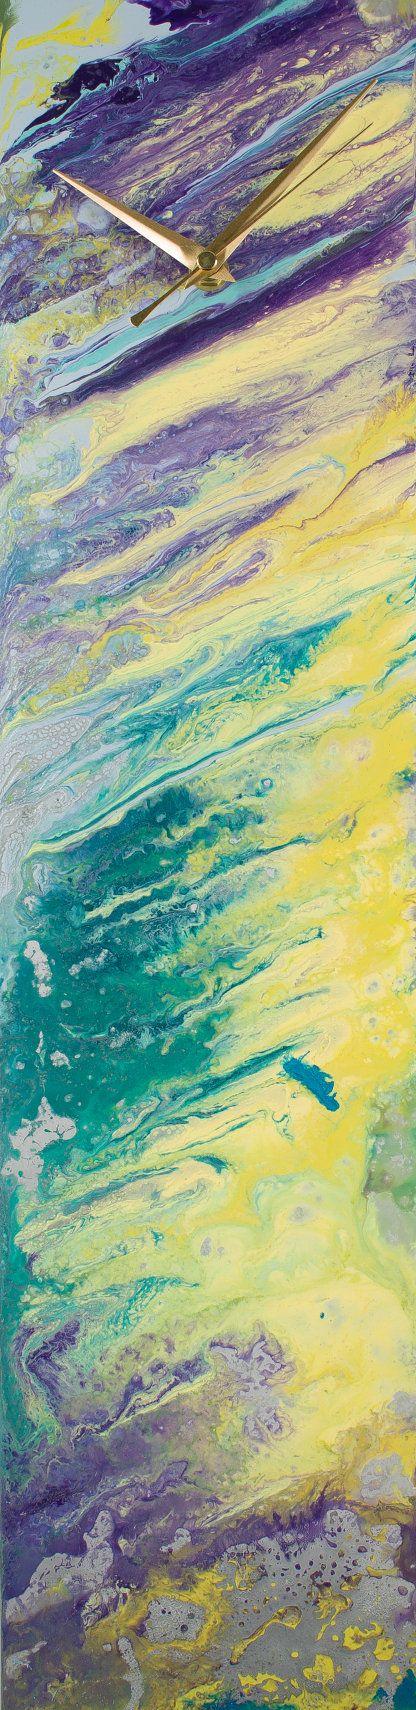 Glass wall art, Suncatcher Clock, Unique Wall clocks, Silent clock, Amber Glass Clock, Transparent Glass Translucent Glass Art, Centrepiece by